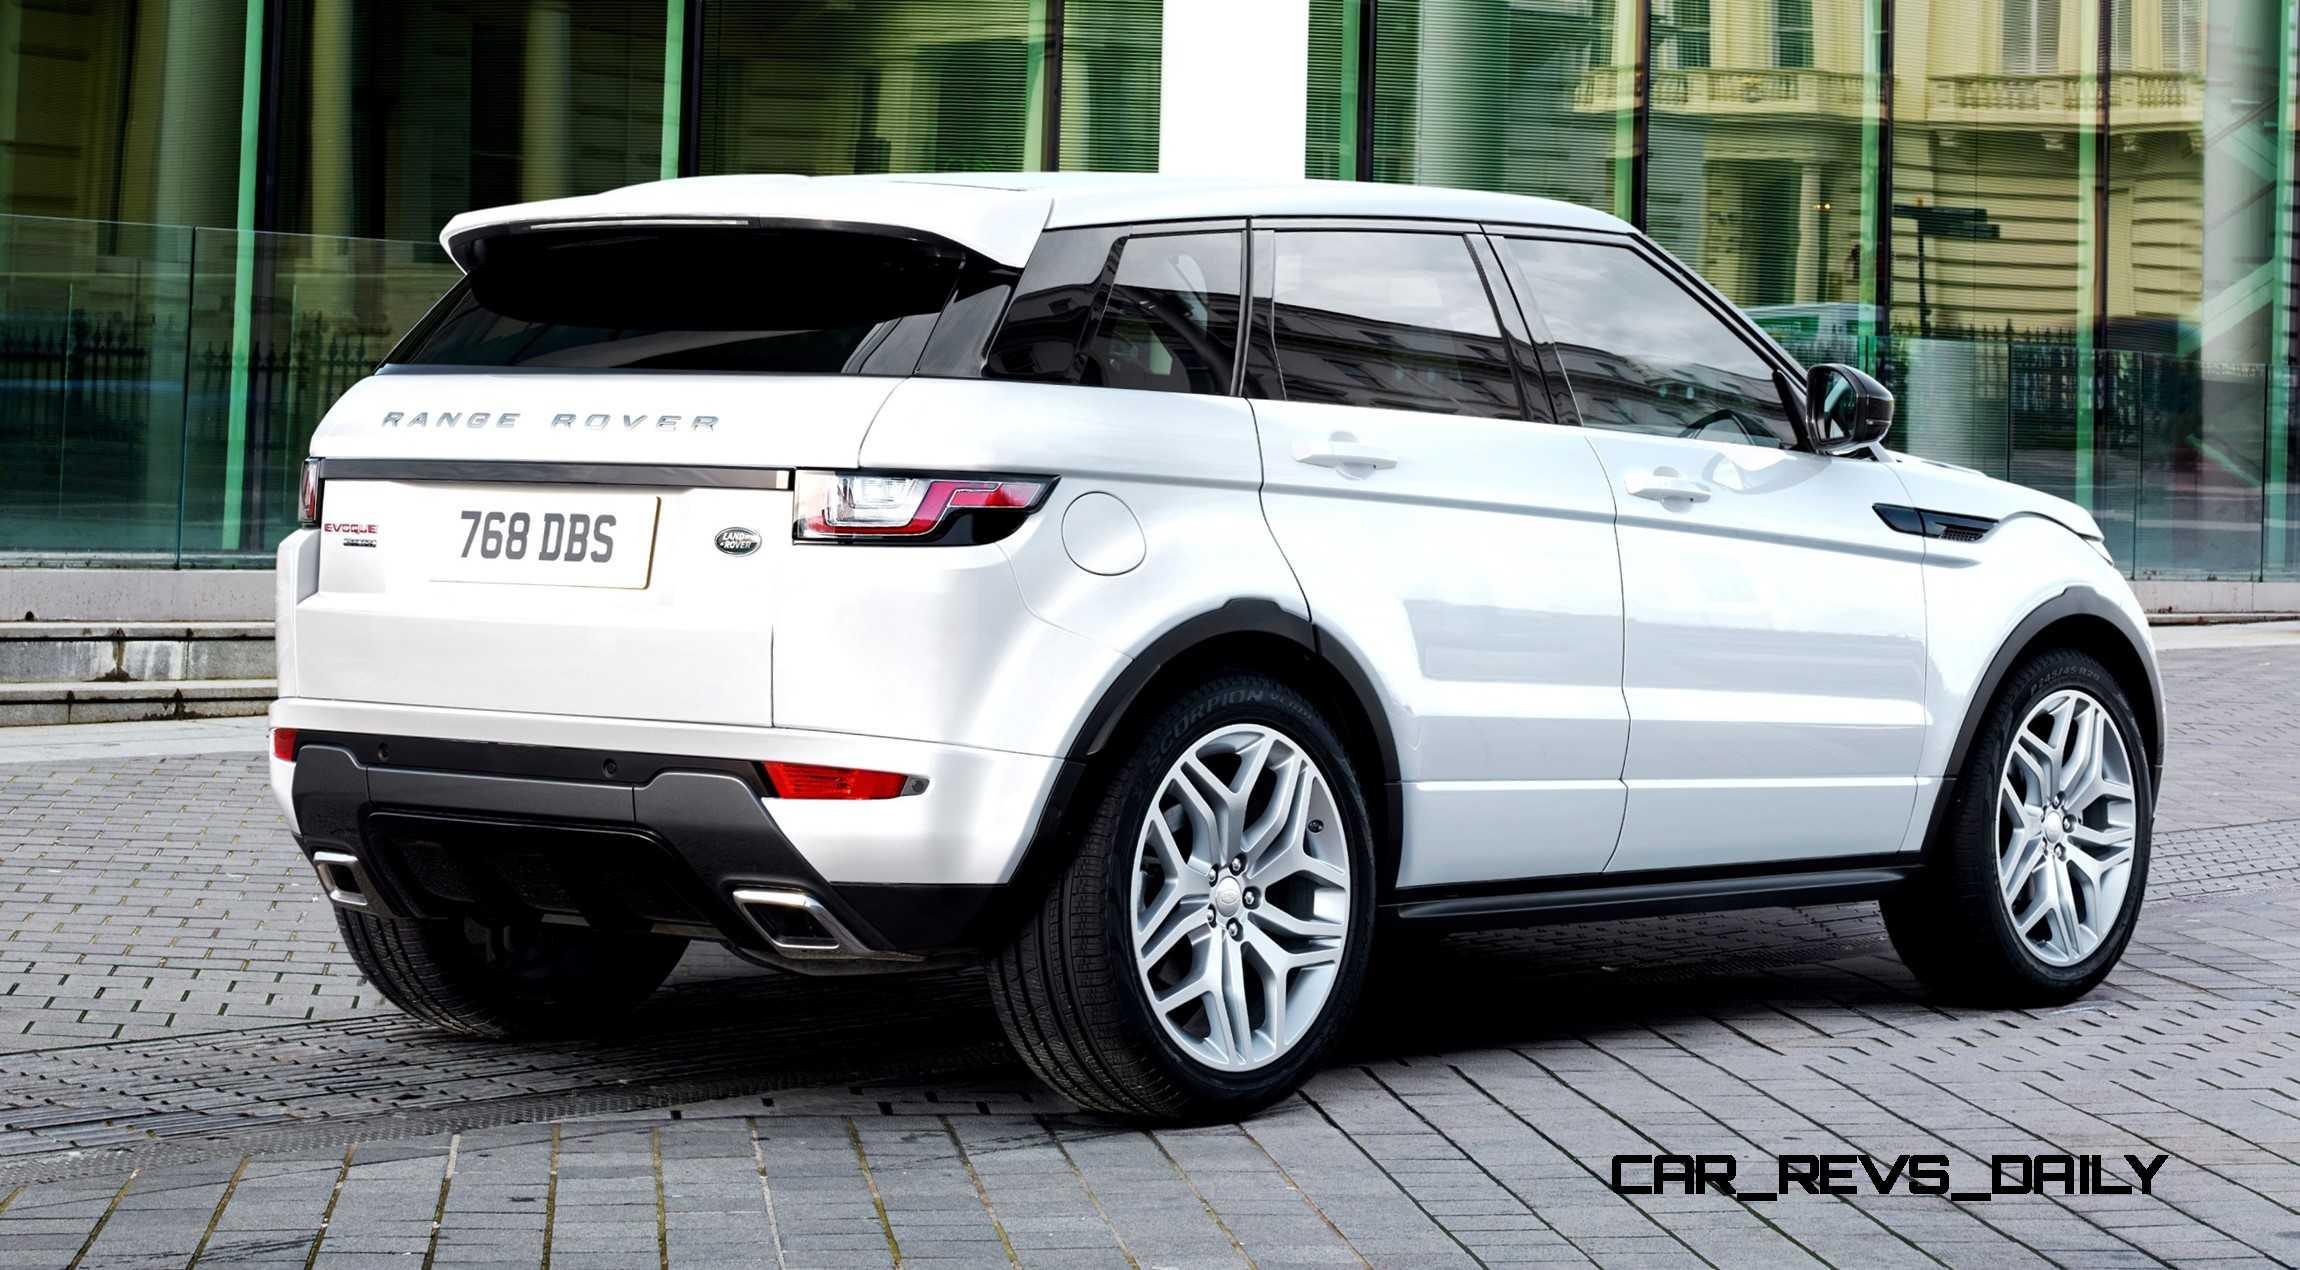 Range Rover Evoque 2015 Immagini Configuratore nuova land rover